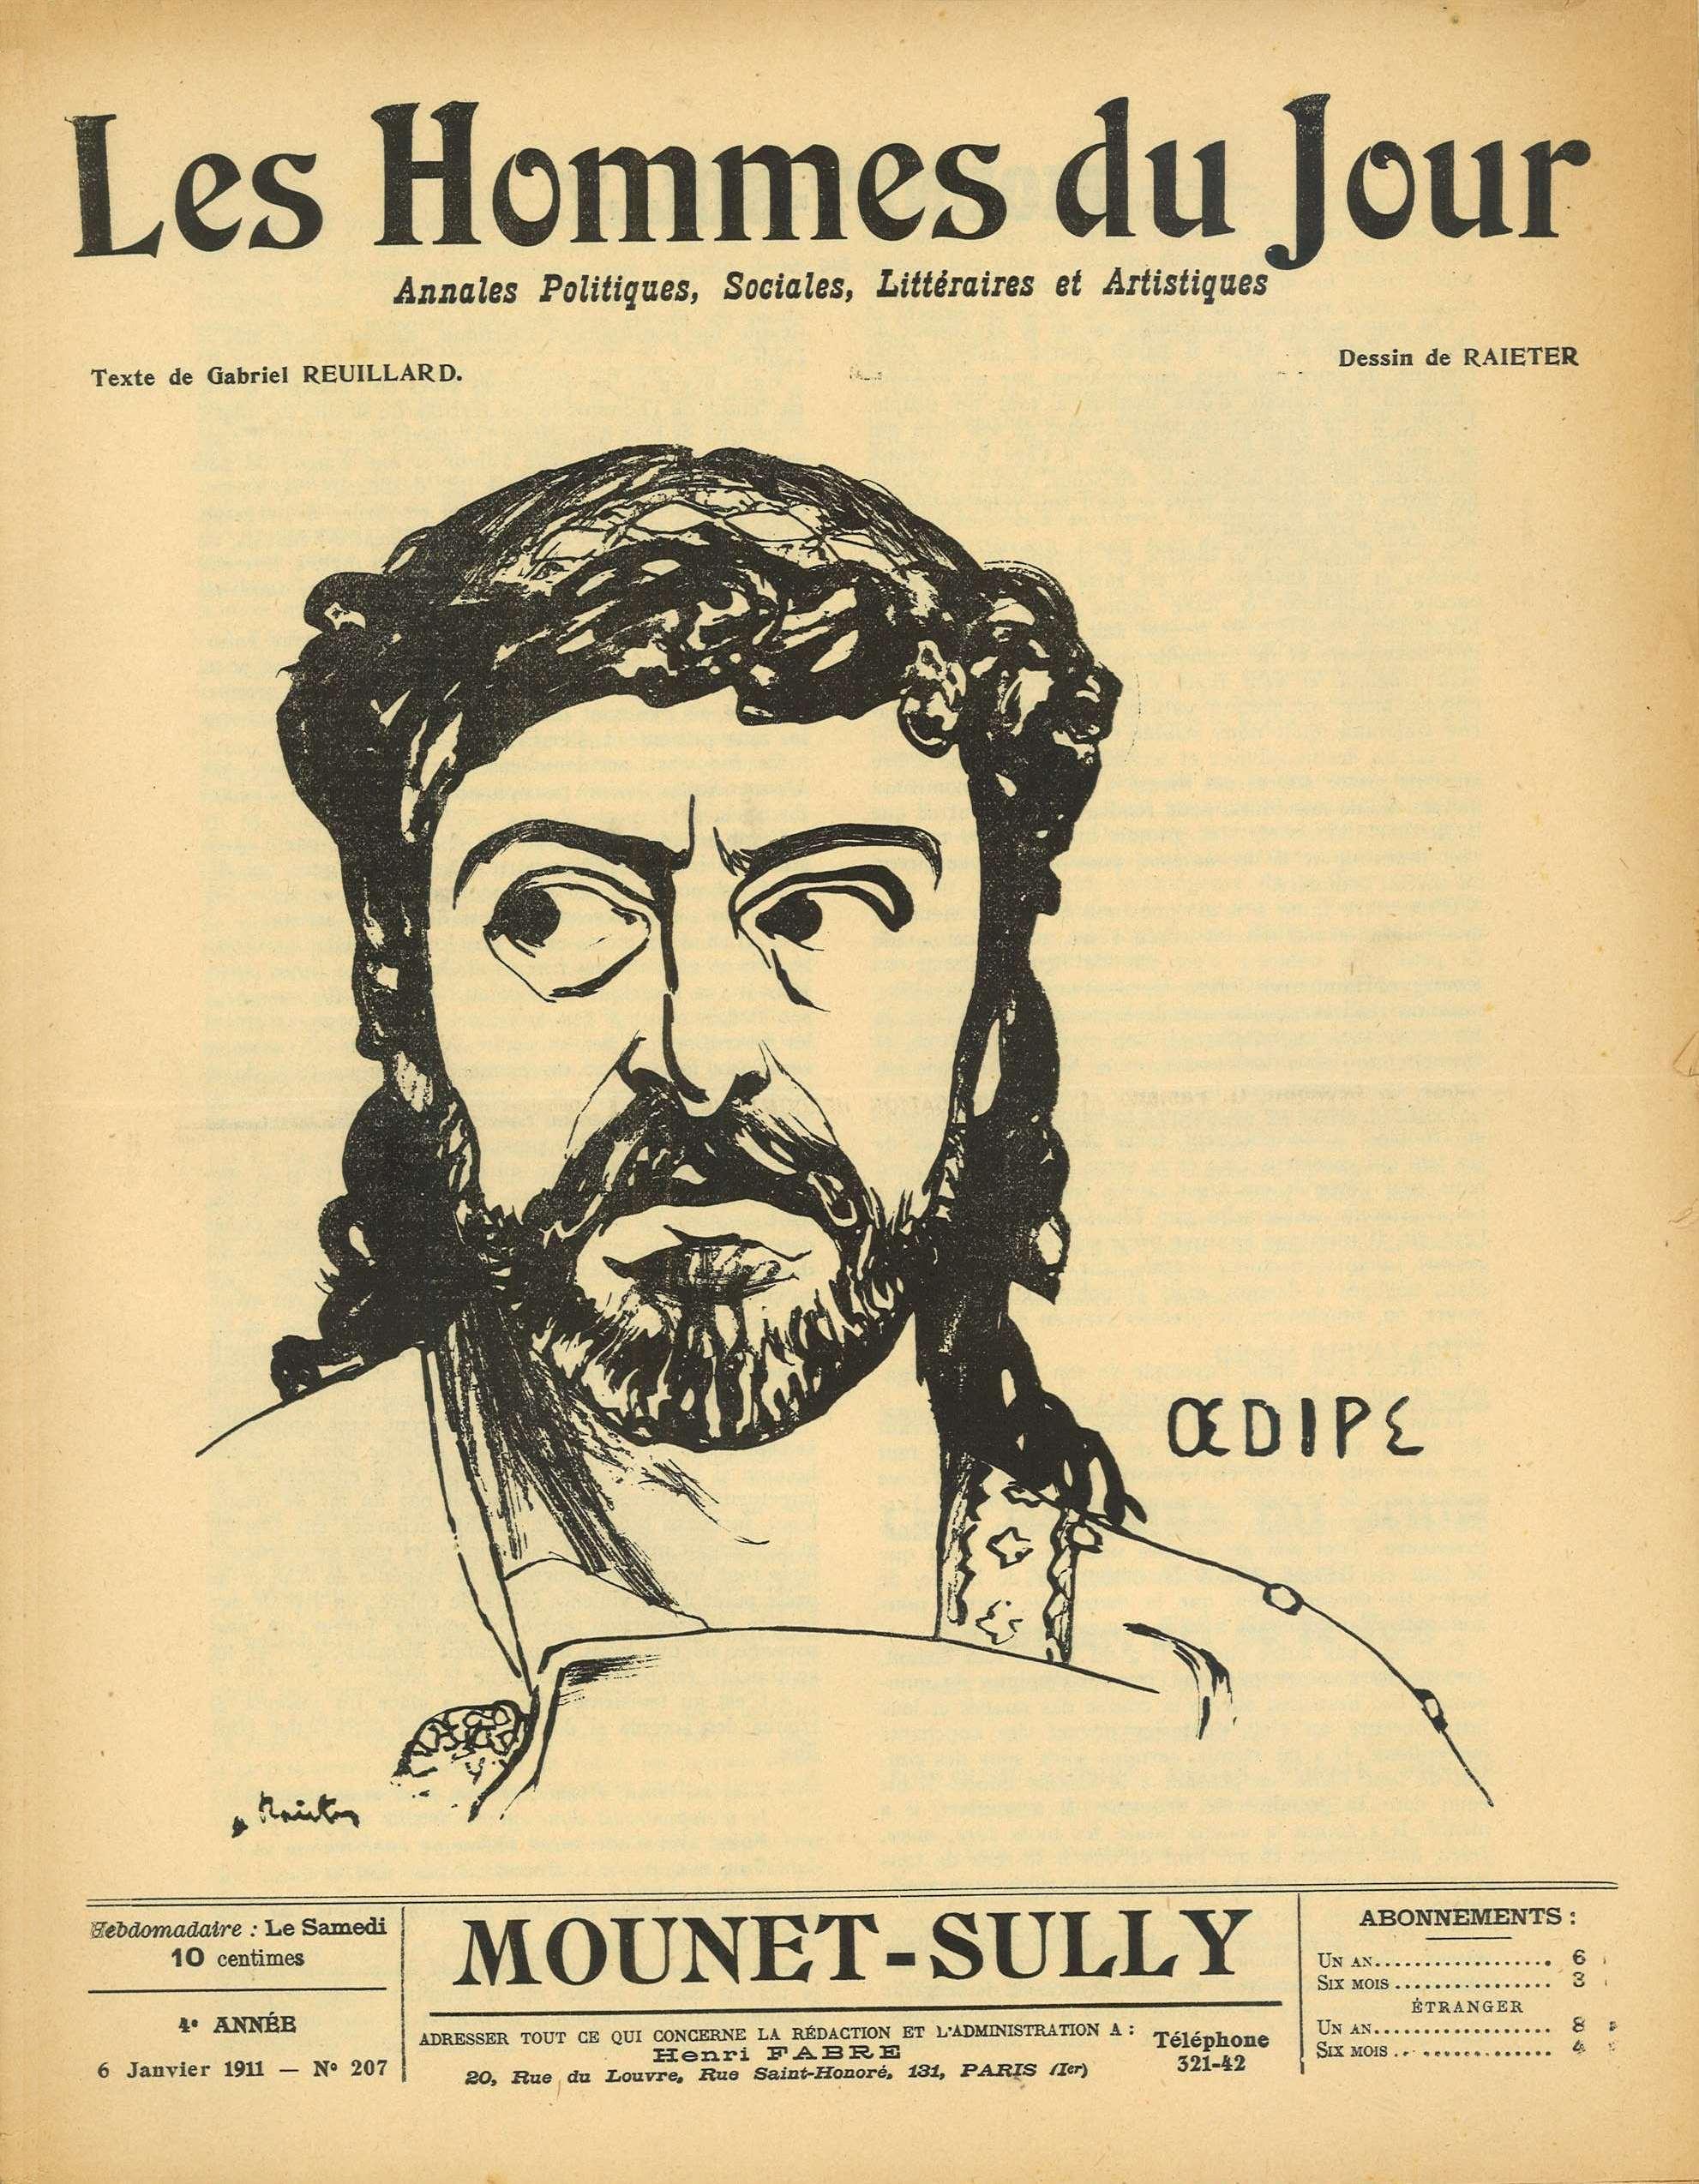 http://mounetsully.files.wordpress.com/2011/07/mounet-sully-les-hommes-du-jour-nc2b0-207-du-6-jan-1911.jpg